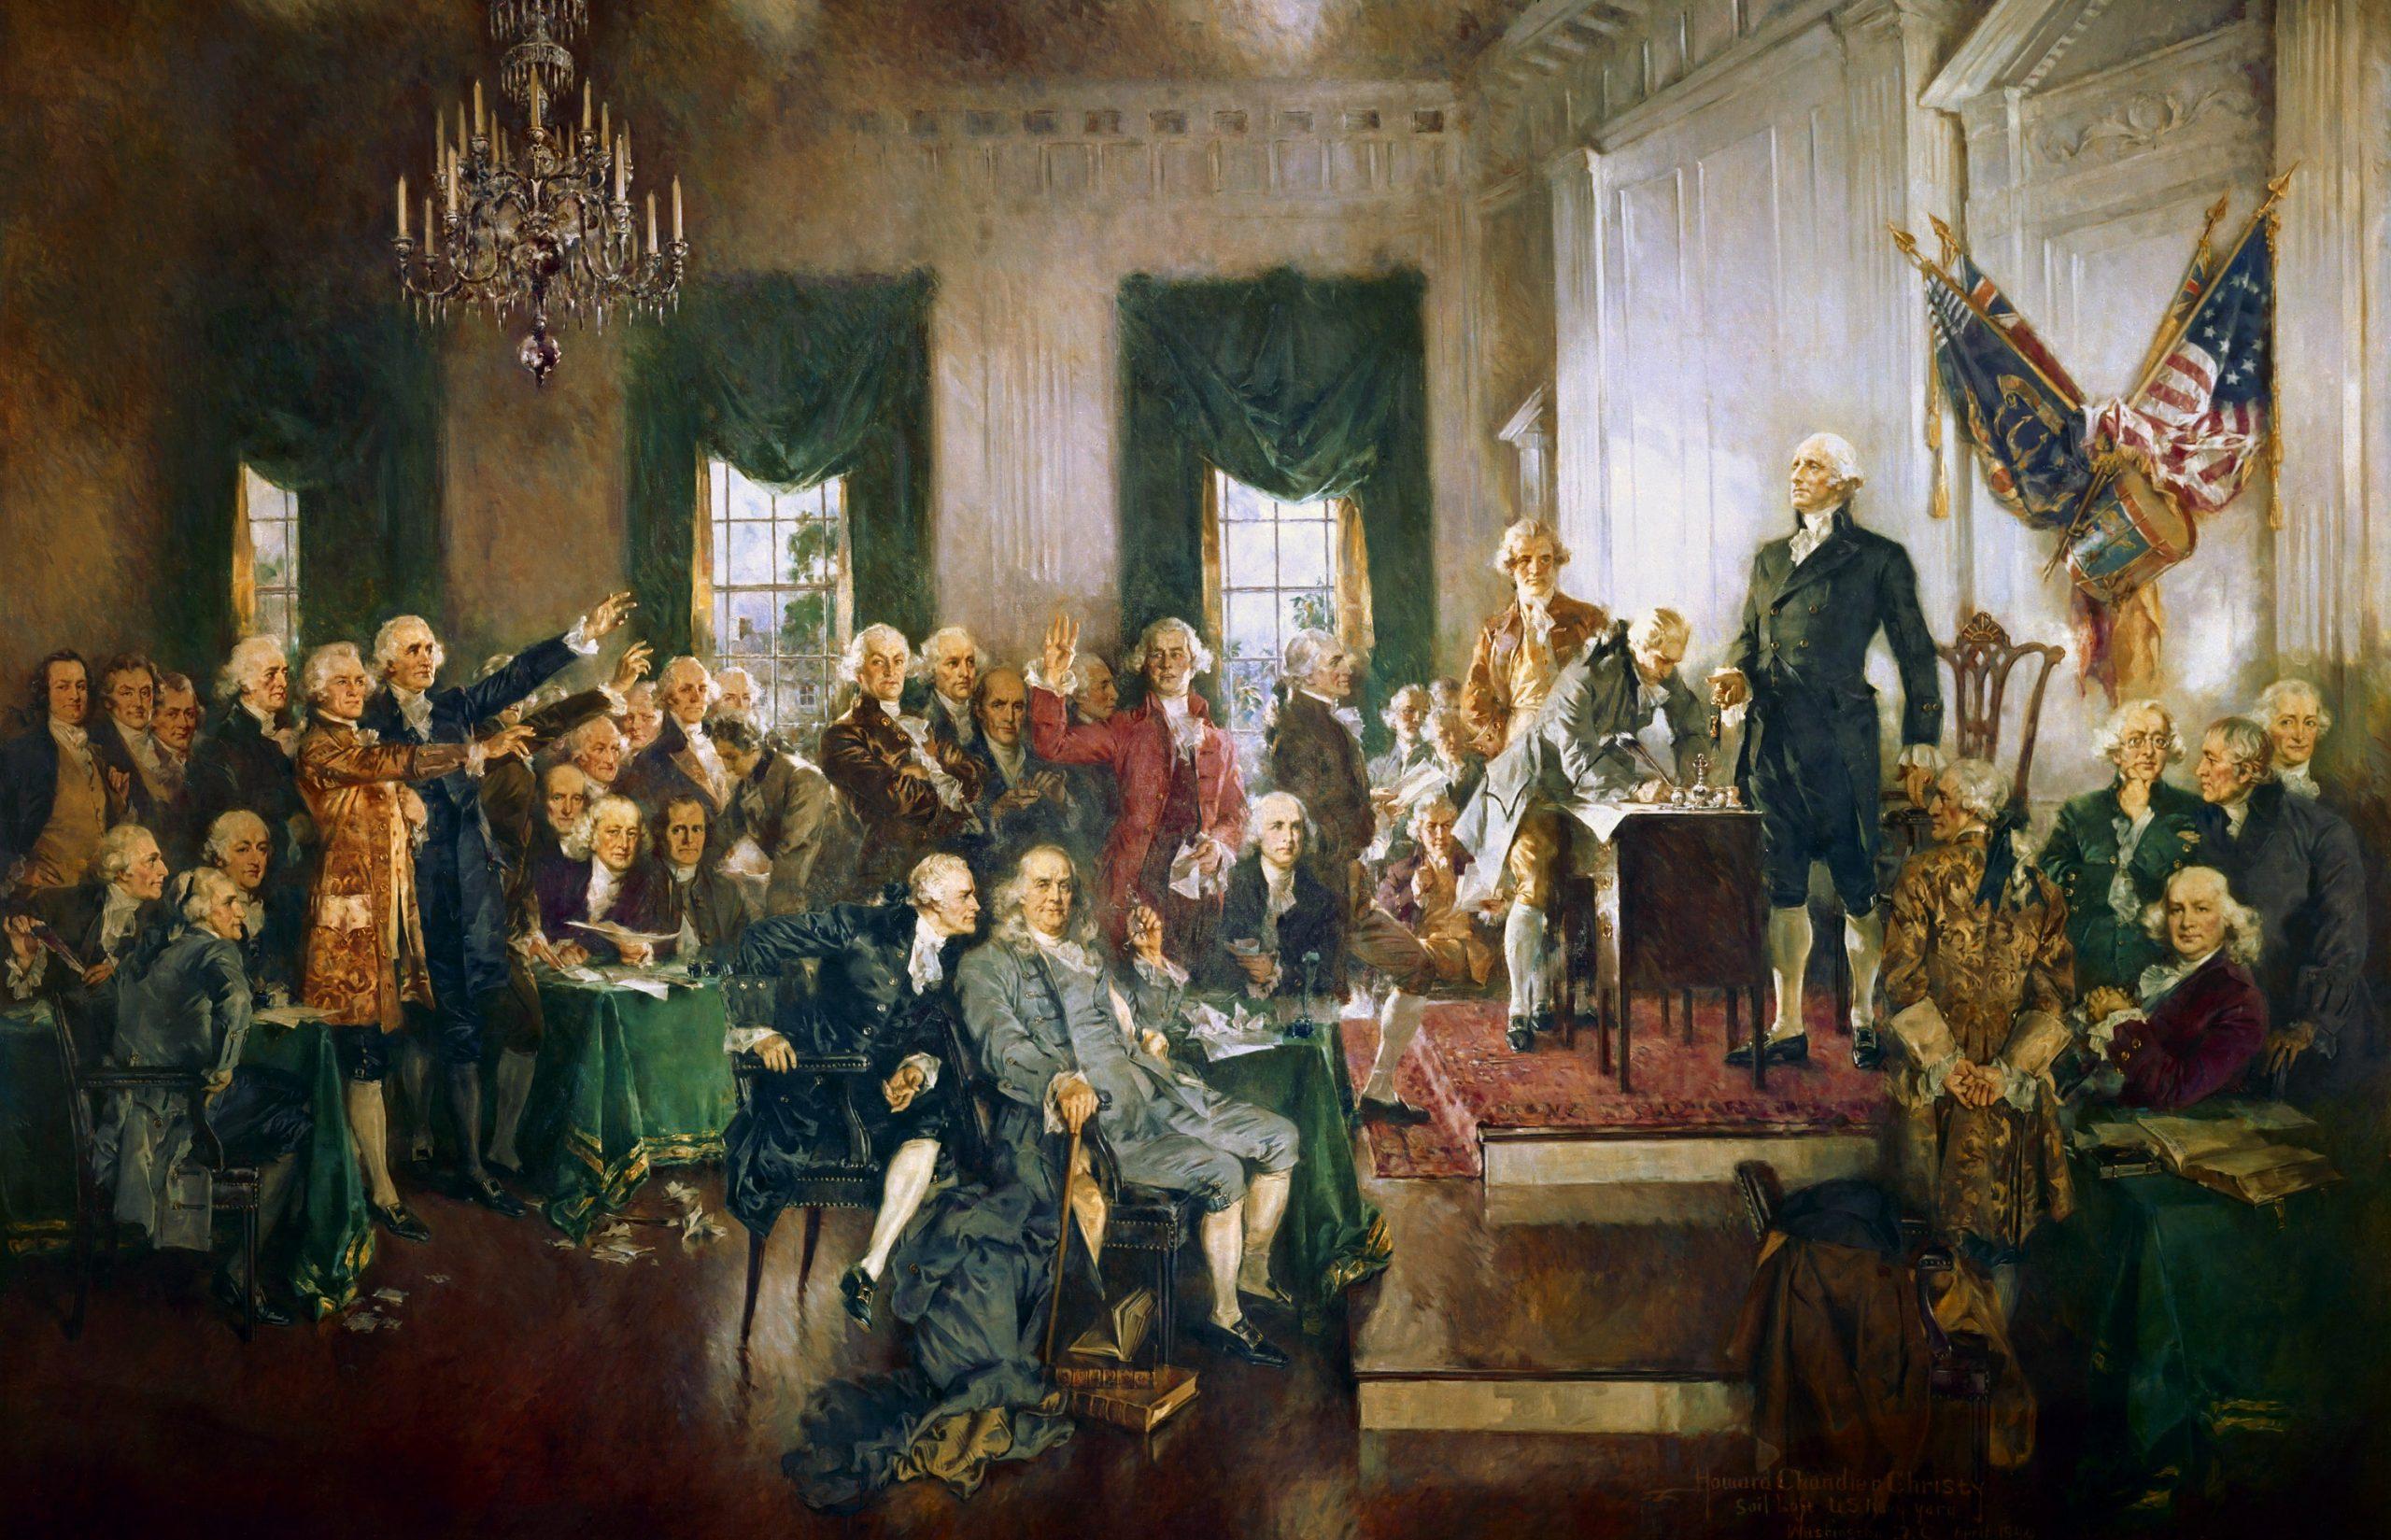 Džordž Vašington: Ljudska sreća i moralna dužnost su neraskidivo povezani 3